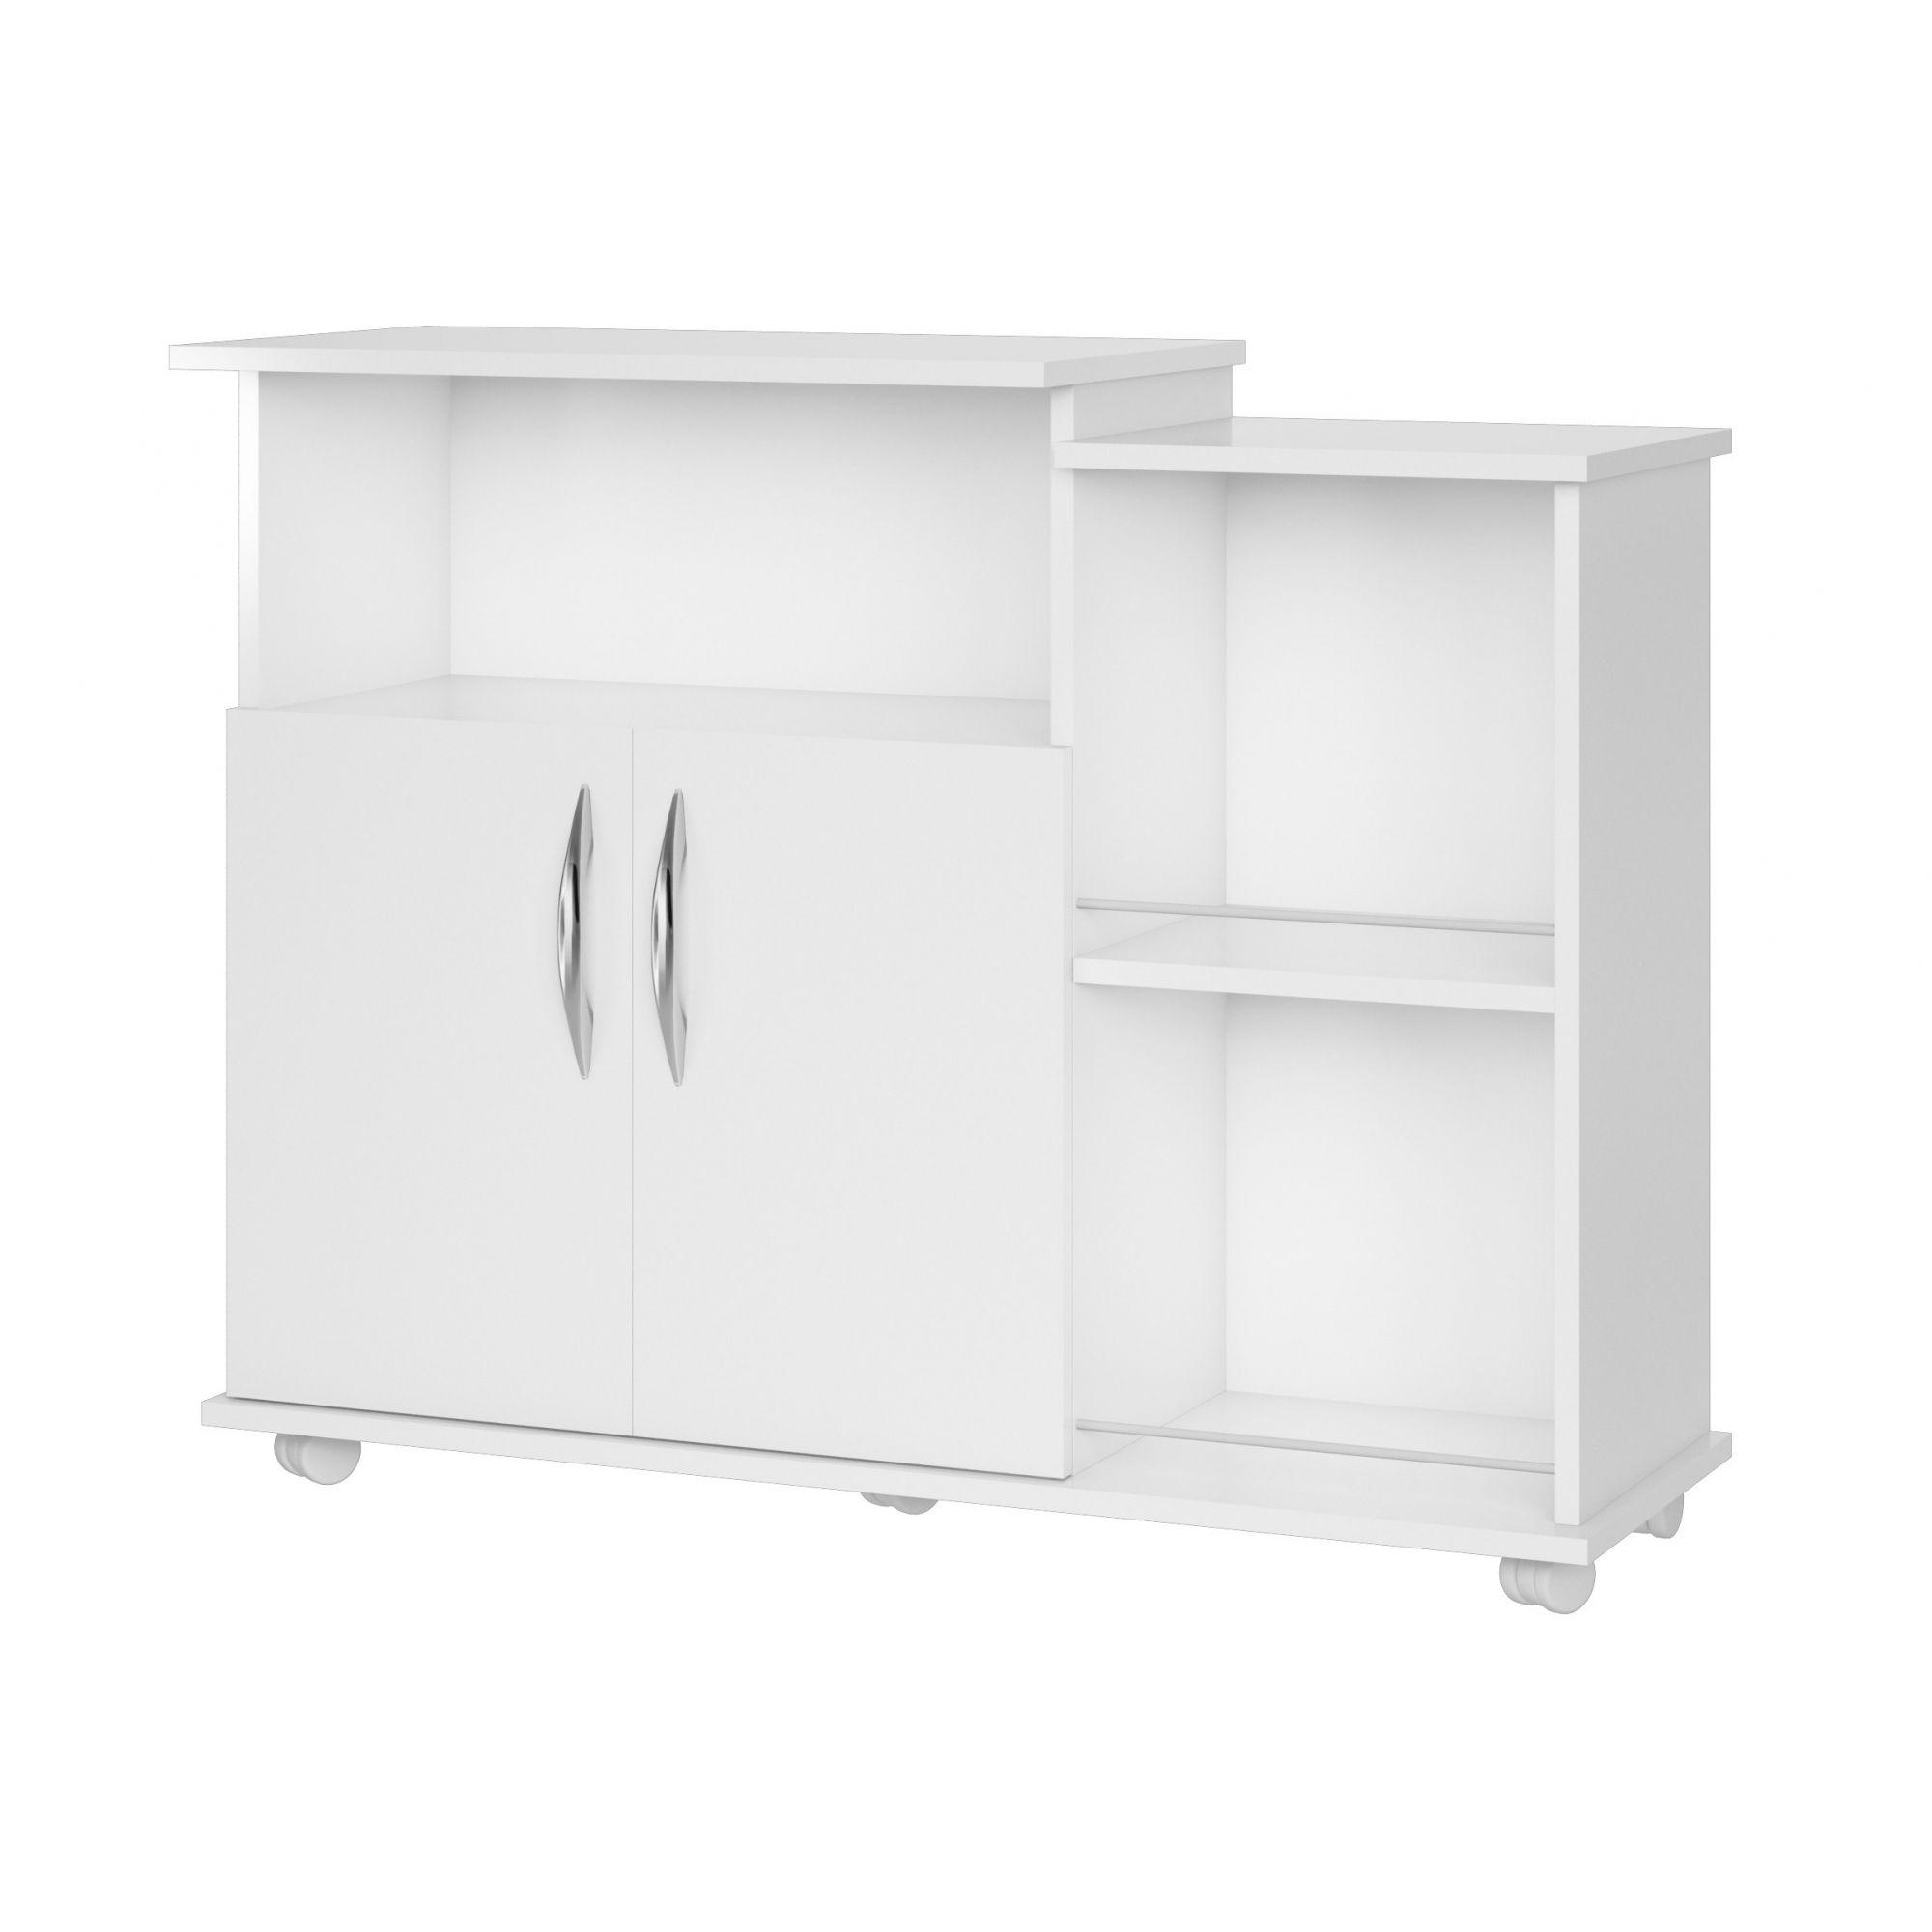 Armário Fruteira 2 Portas Microondas Água Branco Cozinha